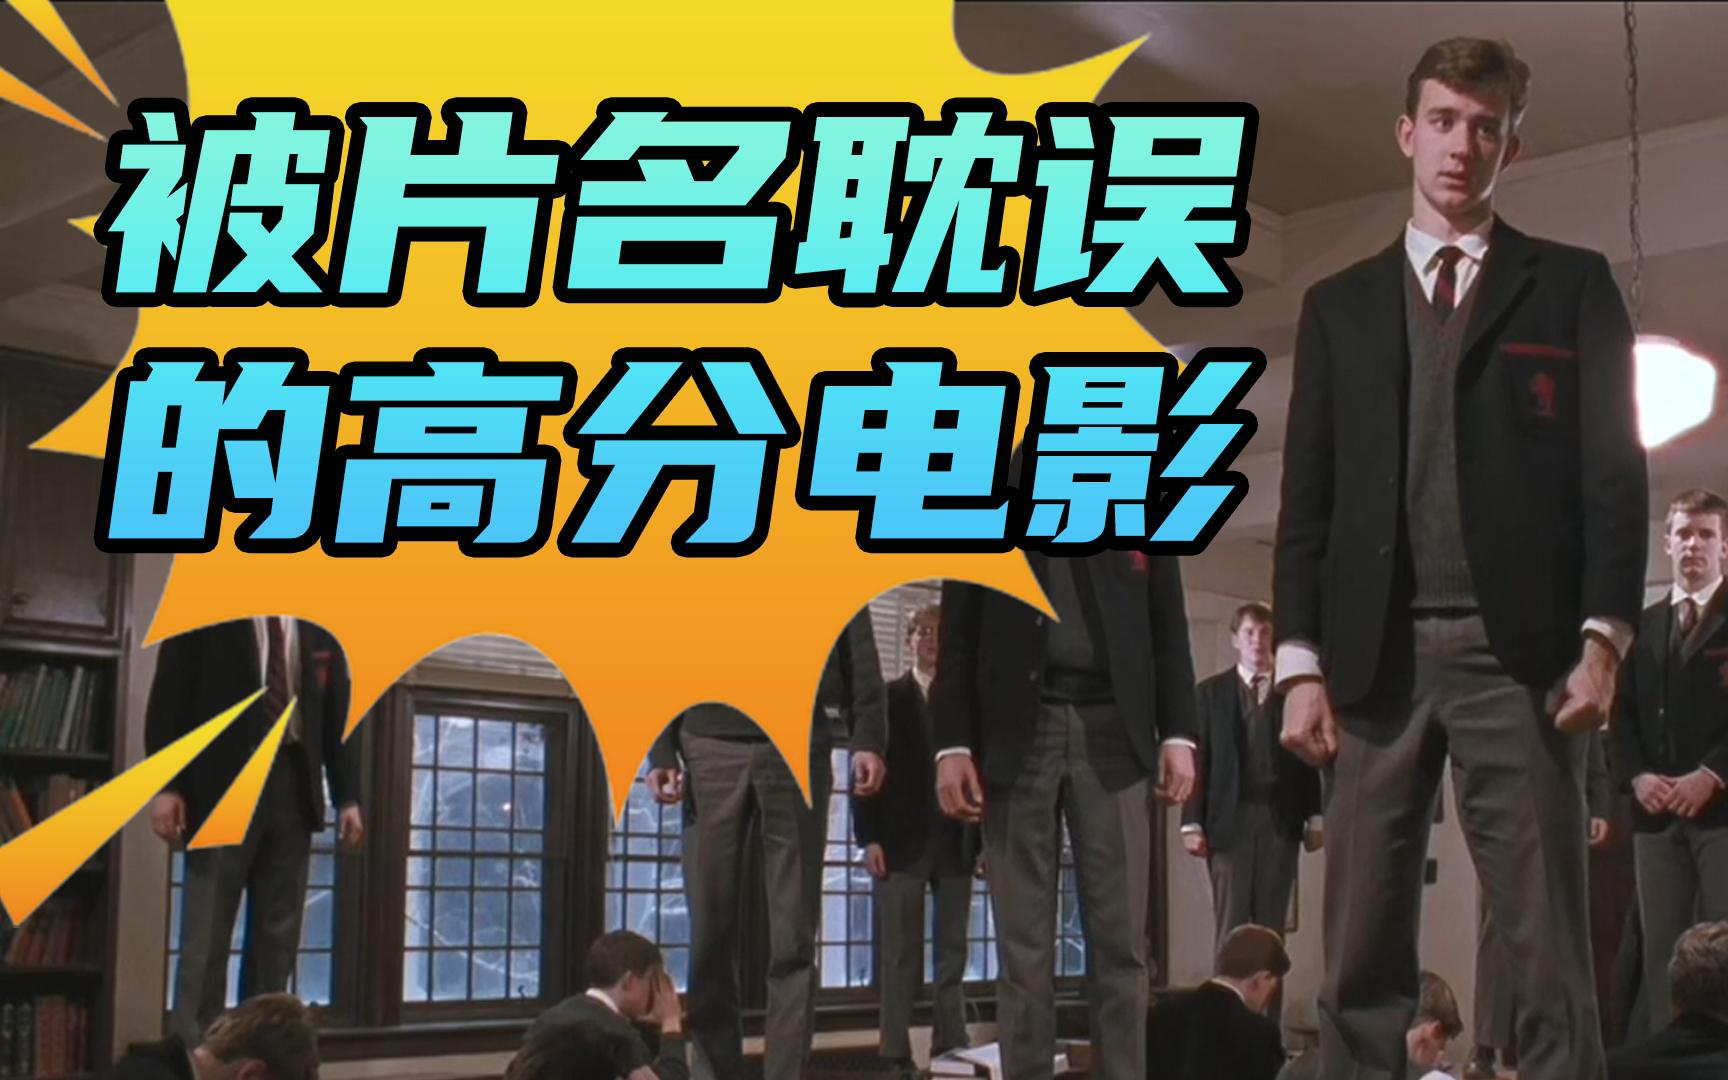 【阿斗】被片名耽误的神作!时隔31年经典依旧,影响了无数人《死亡诗社》